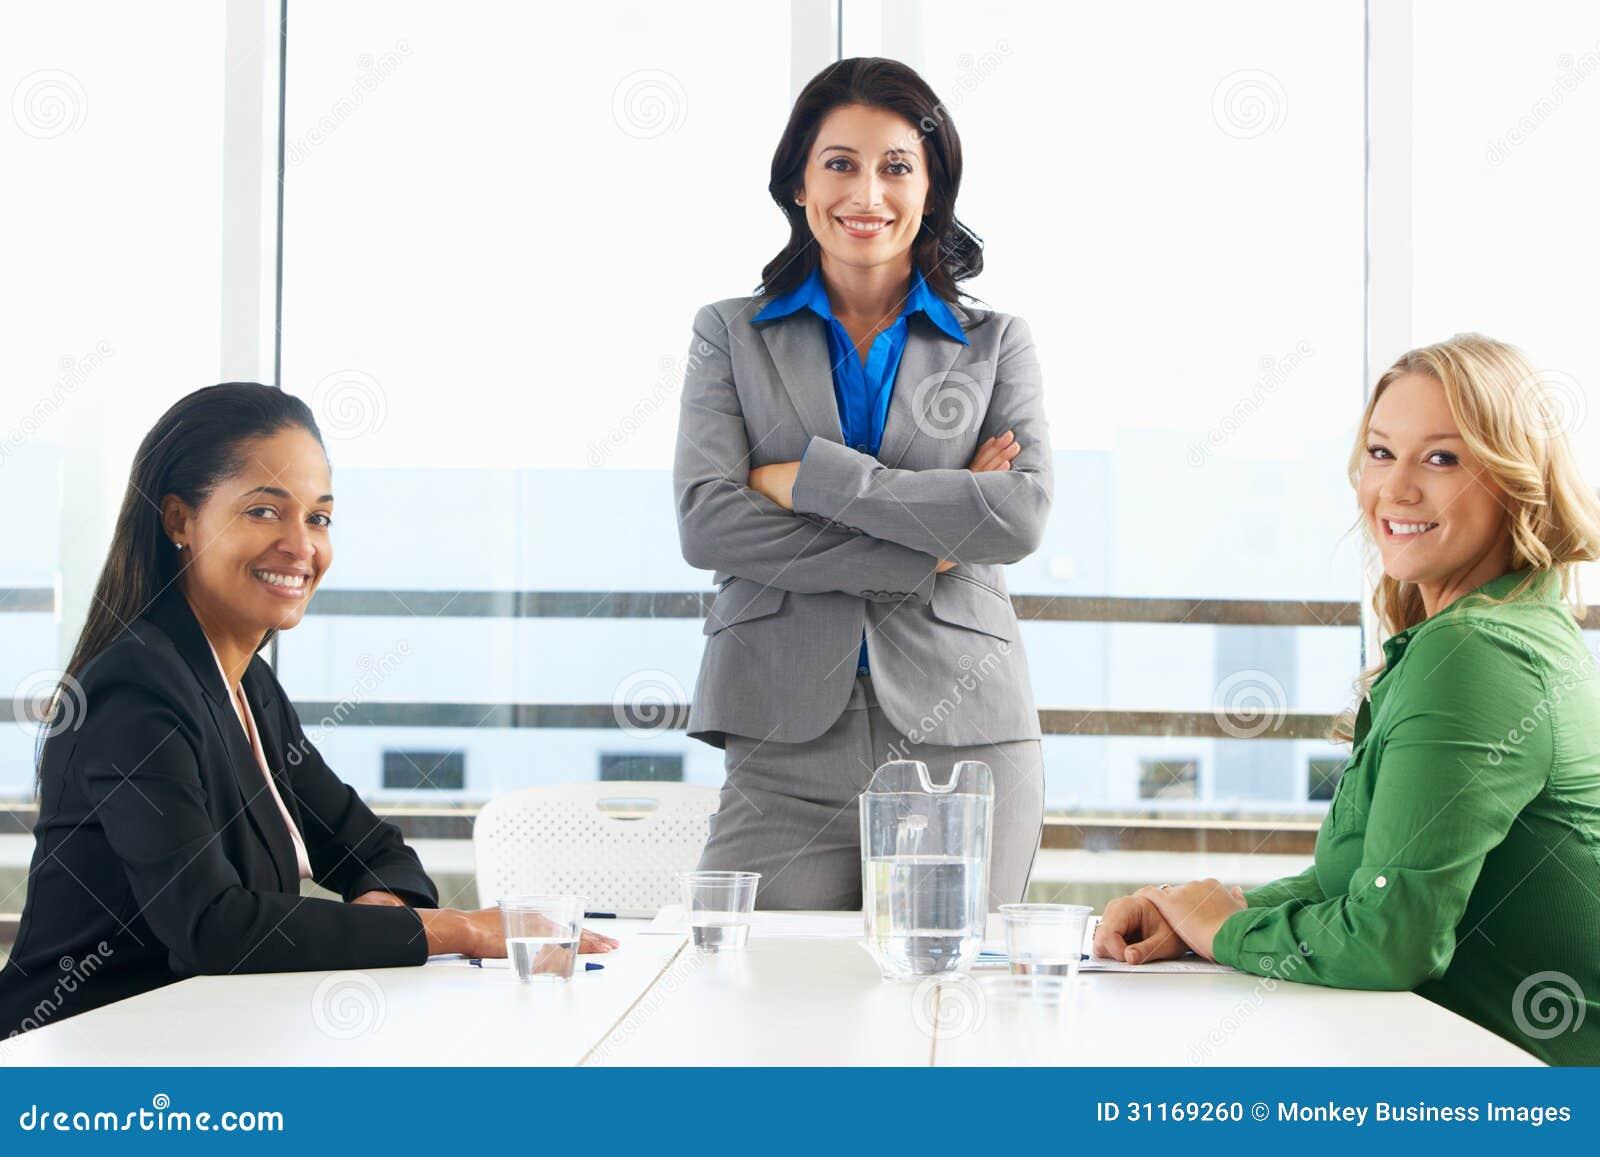 Møte kvinner først